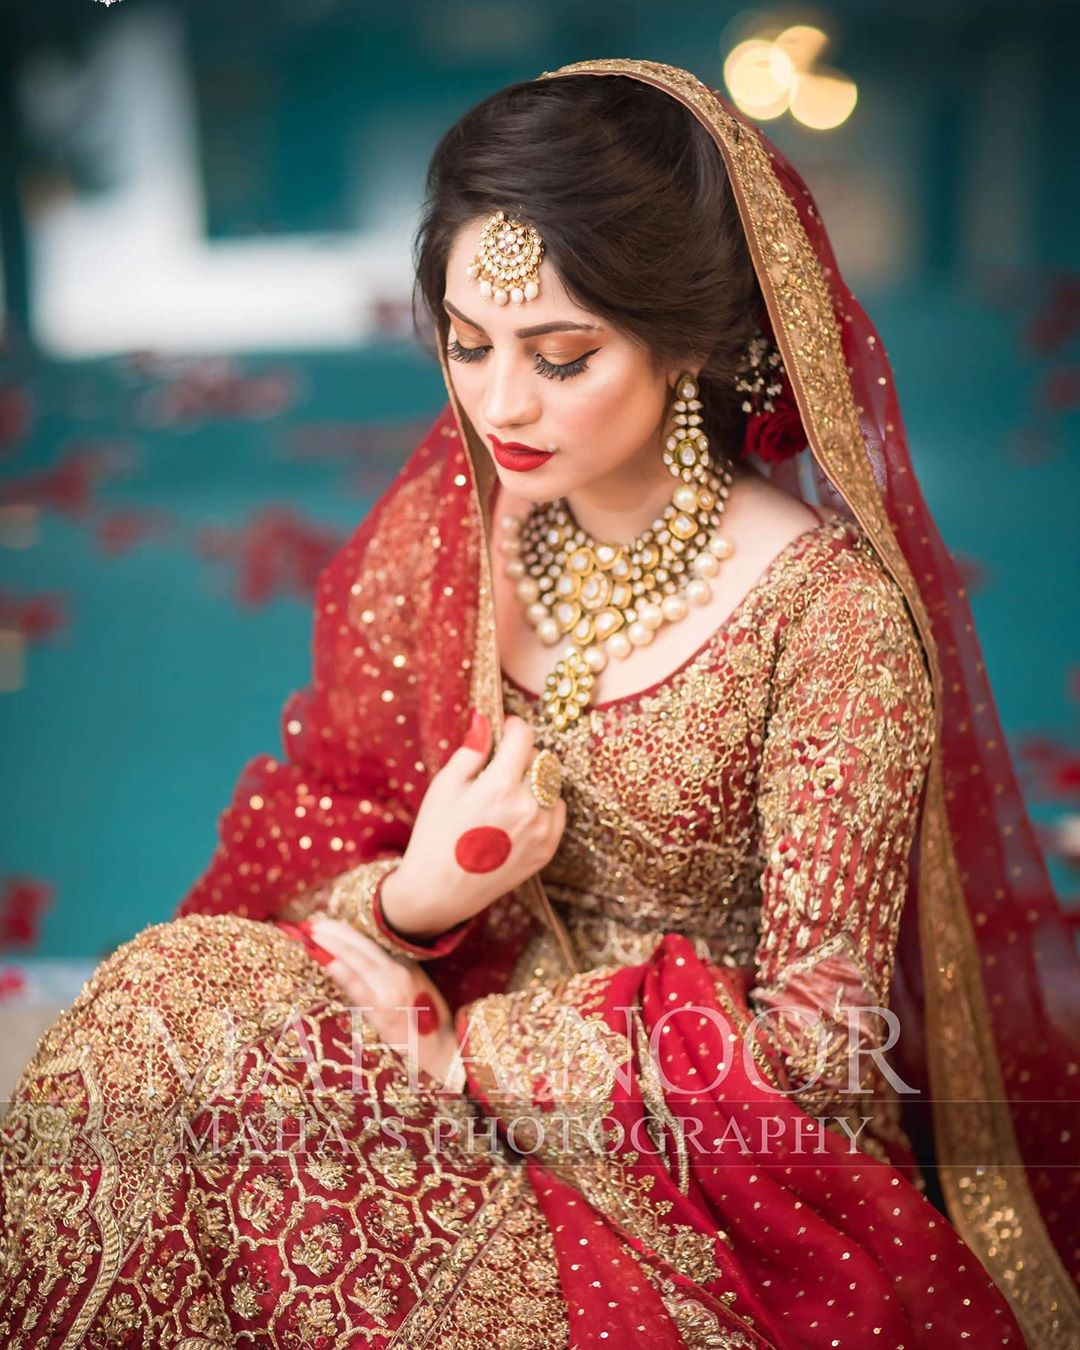 New Bridal Photoshoot of Awesome Neelum Muneer